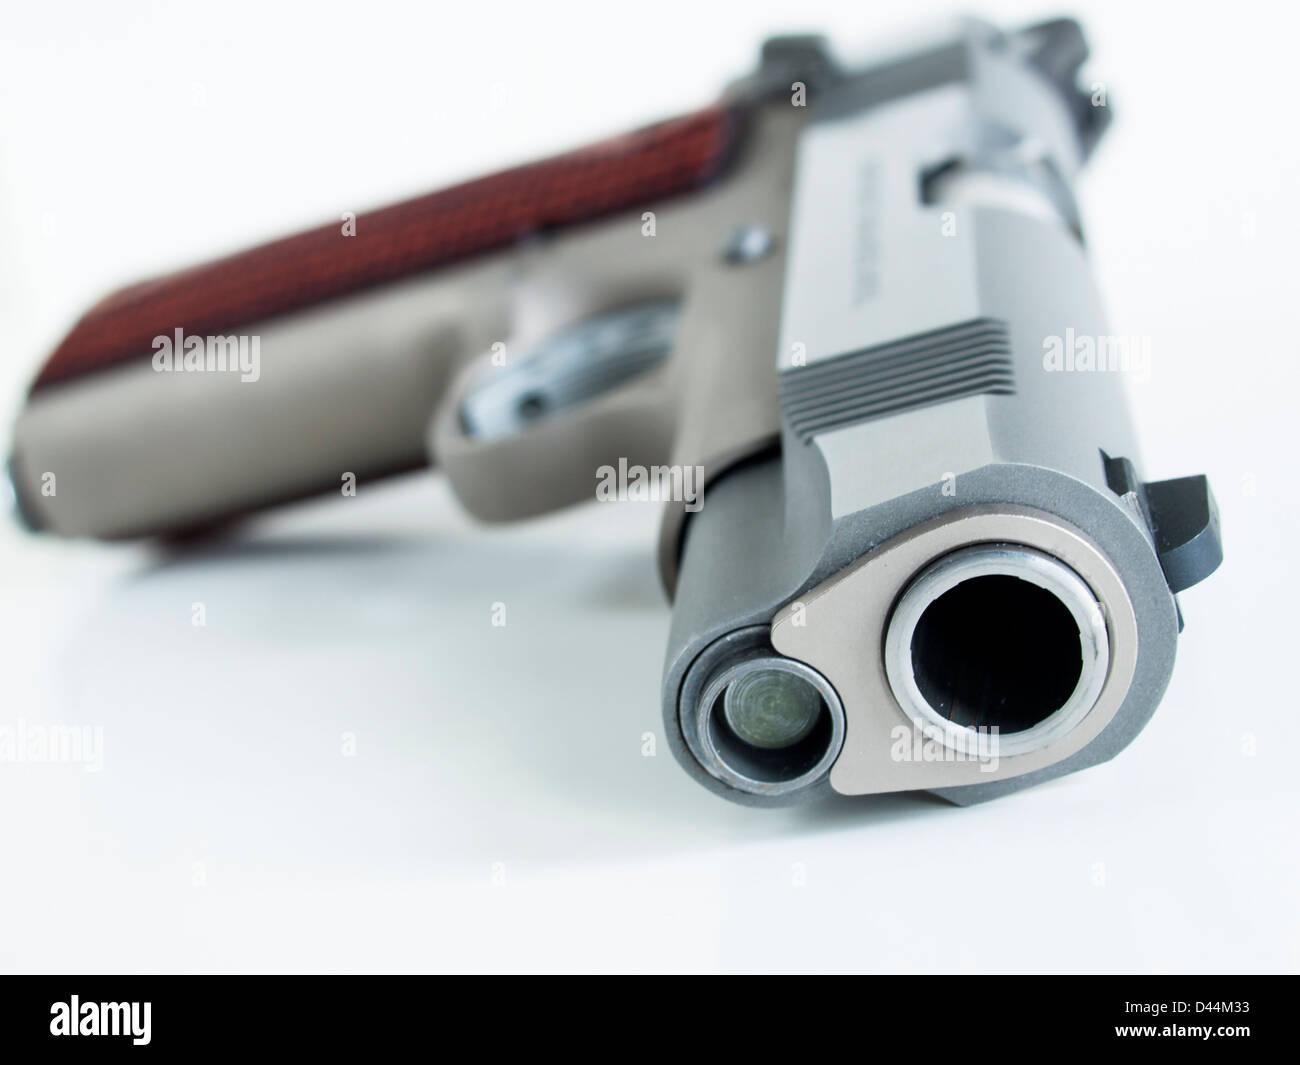 Colt Single Action Imágenes De Stock & Colt Single Action Fotos De ...